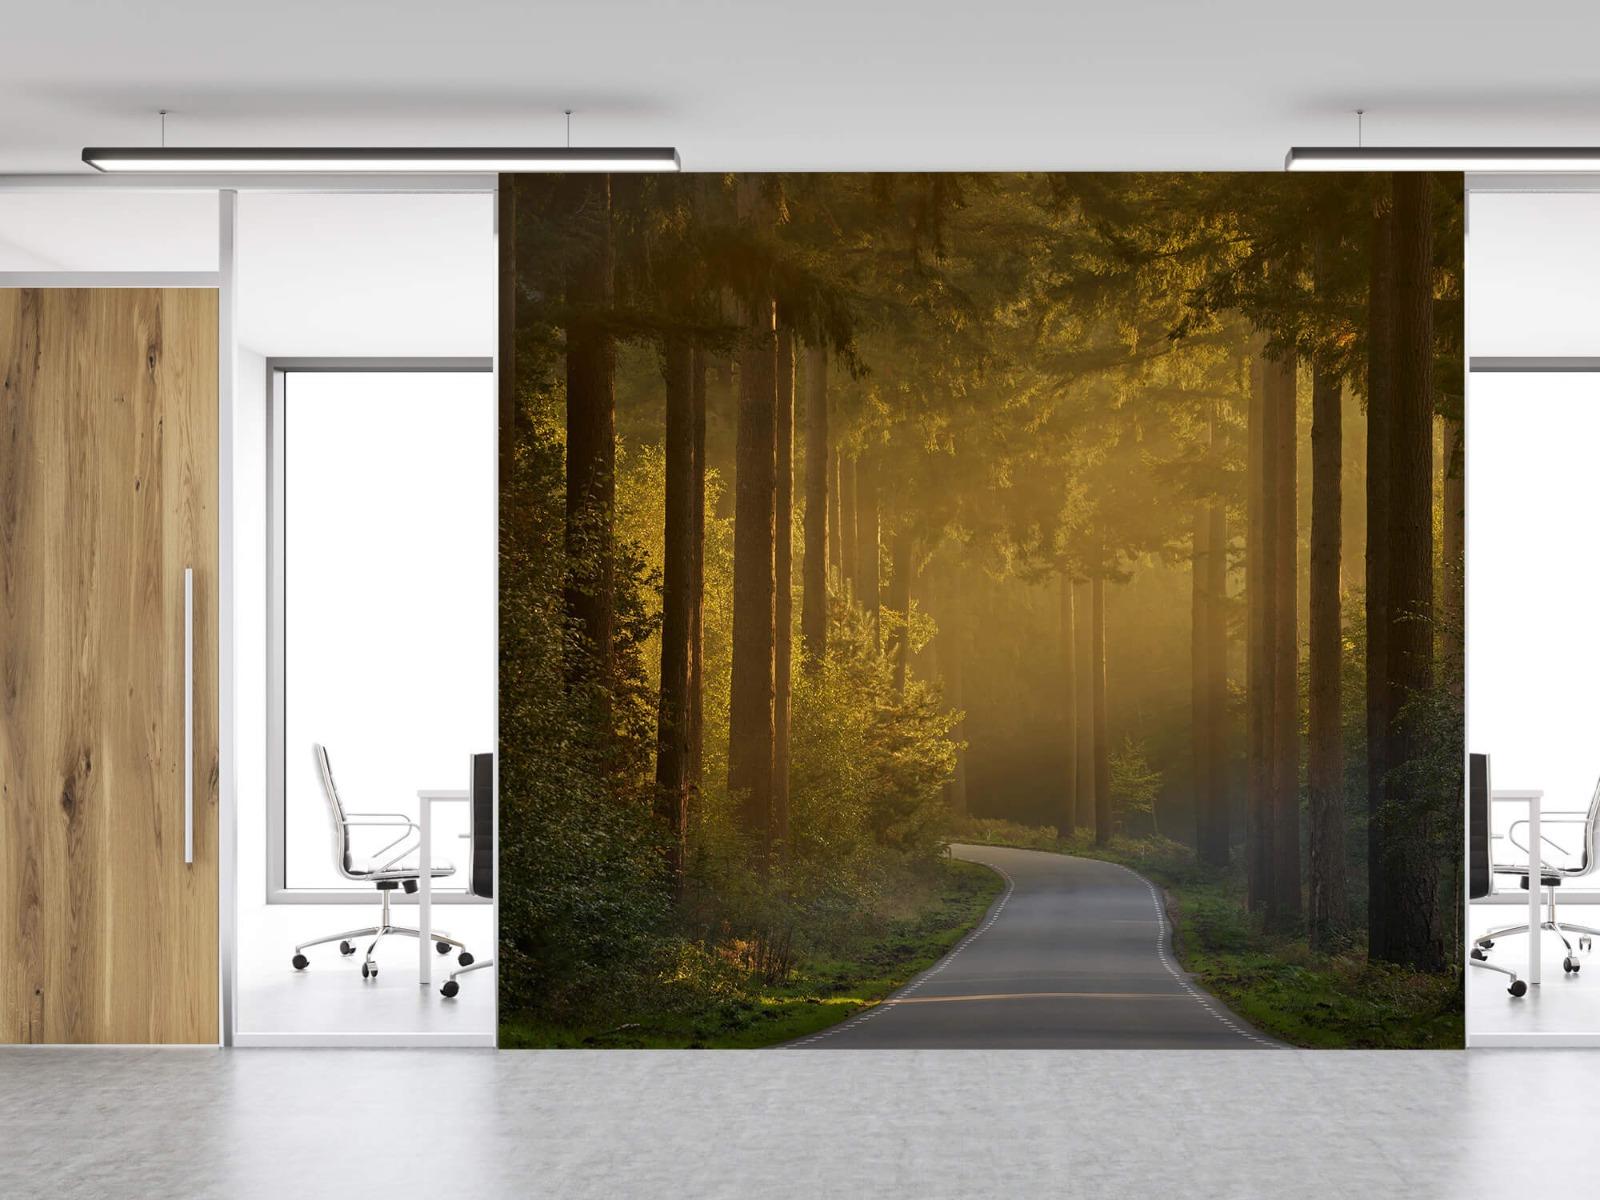 Natuur - Zonsopkomst bij weg door het bos 13